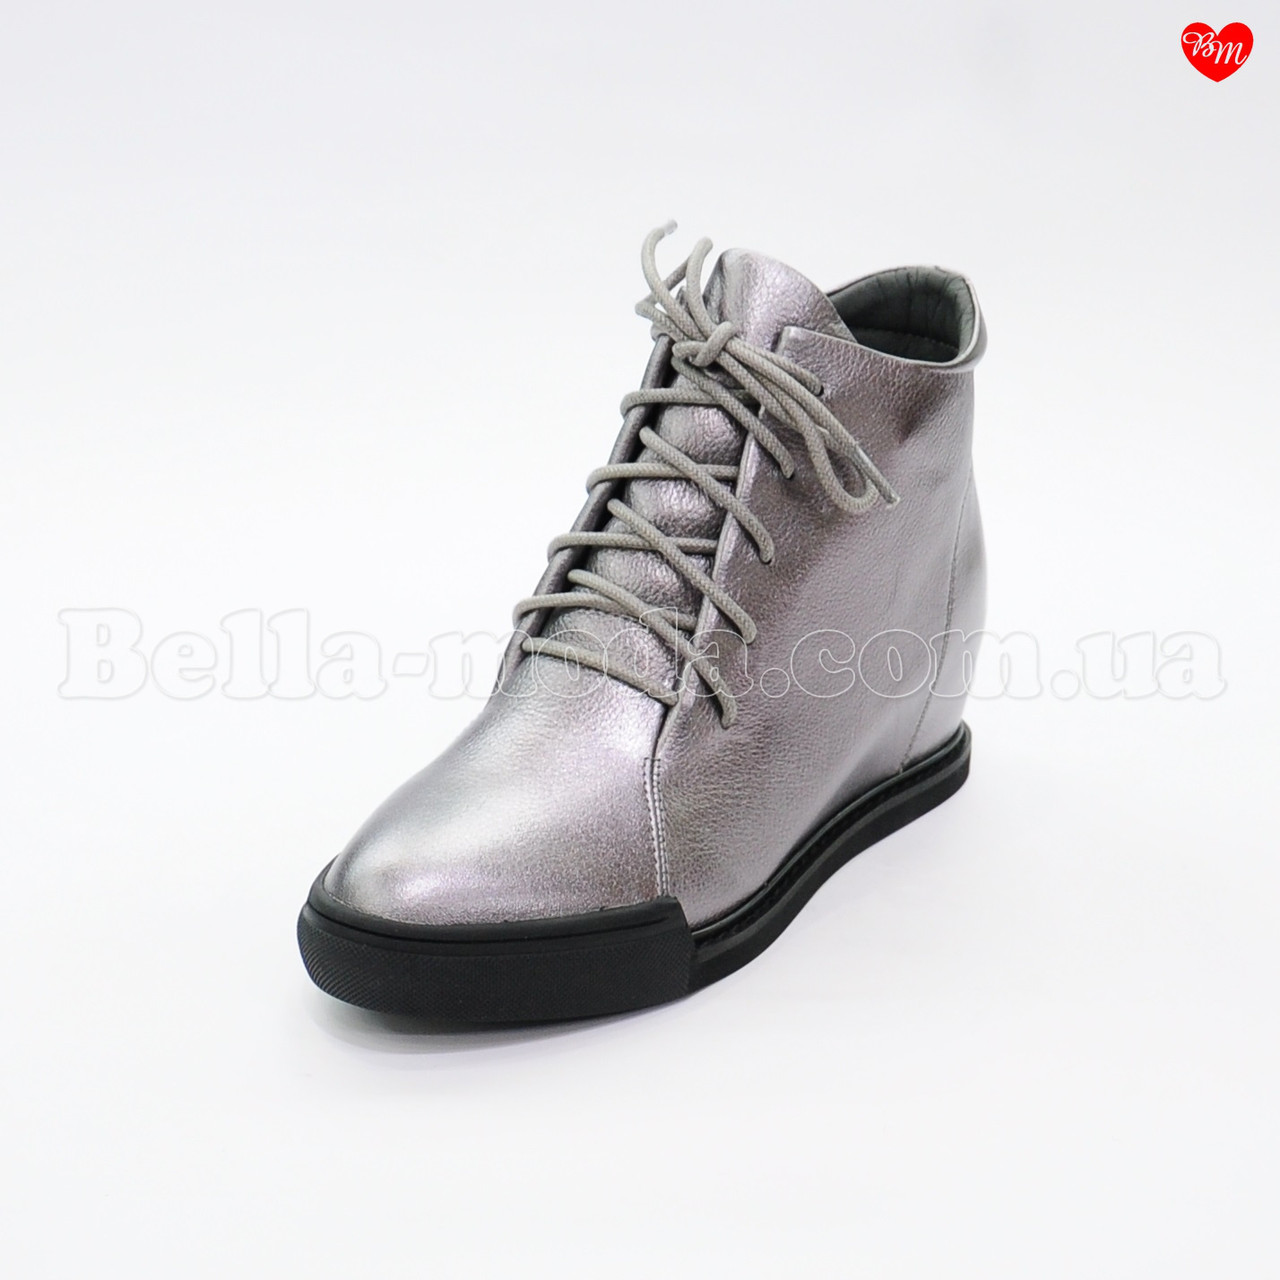 b7ccf783b Купить Женские ботинки на скрытой танкетке Berkonty в розницу от ...